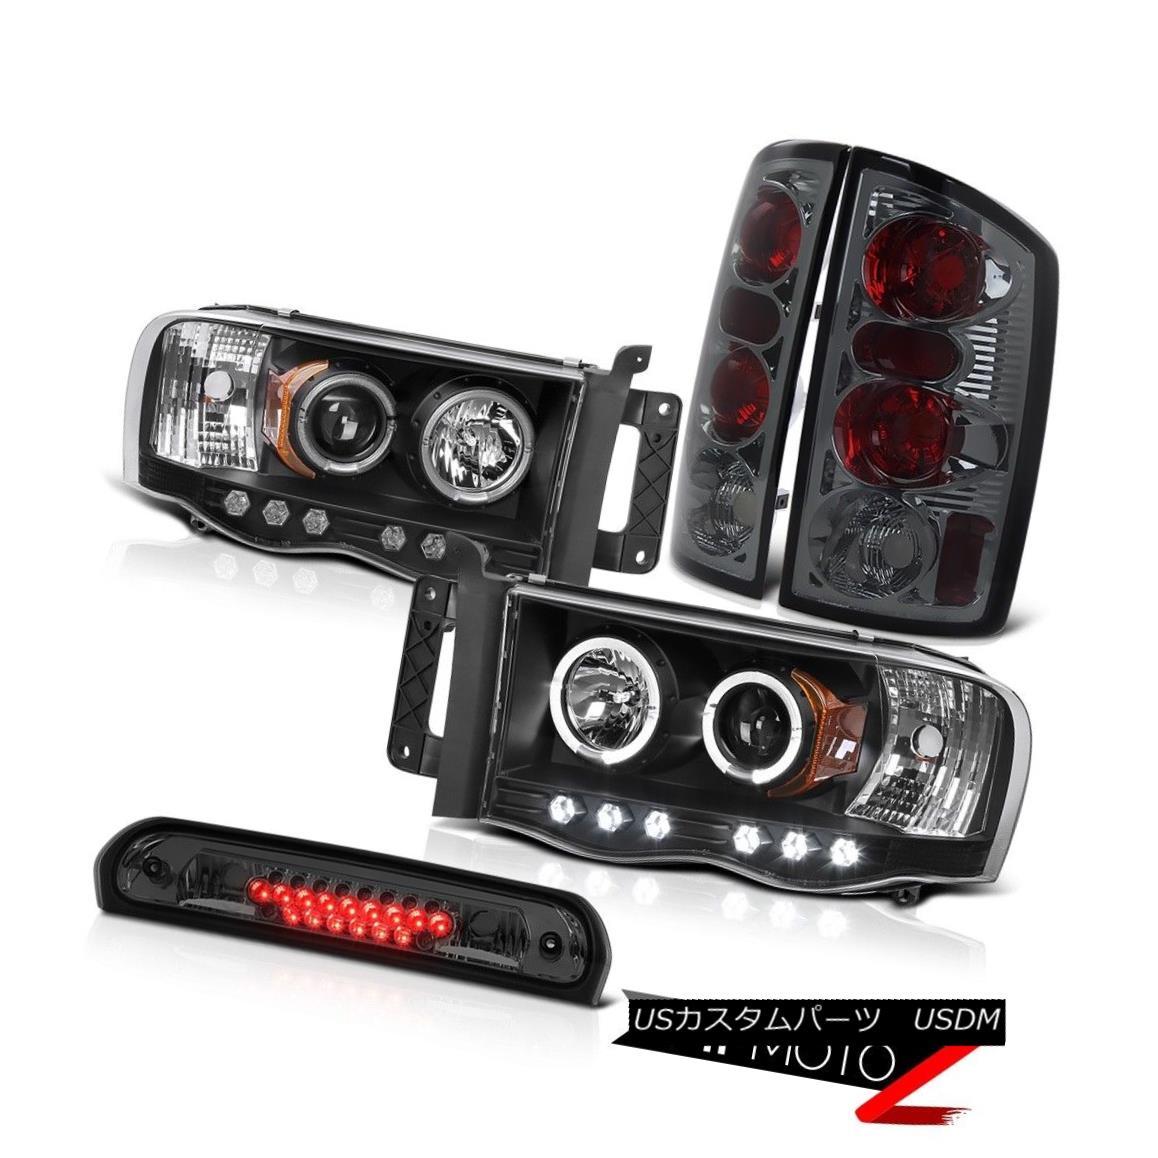 テールライト Black Halo Rim LED Headlights Rear Signal Tail Lights Third Brake 02-05 Ram 3500 ブラックハローリムLEDヘッドライトリアシグナルテールライトサードブレーキ02-05 Ram 3500